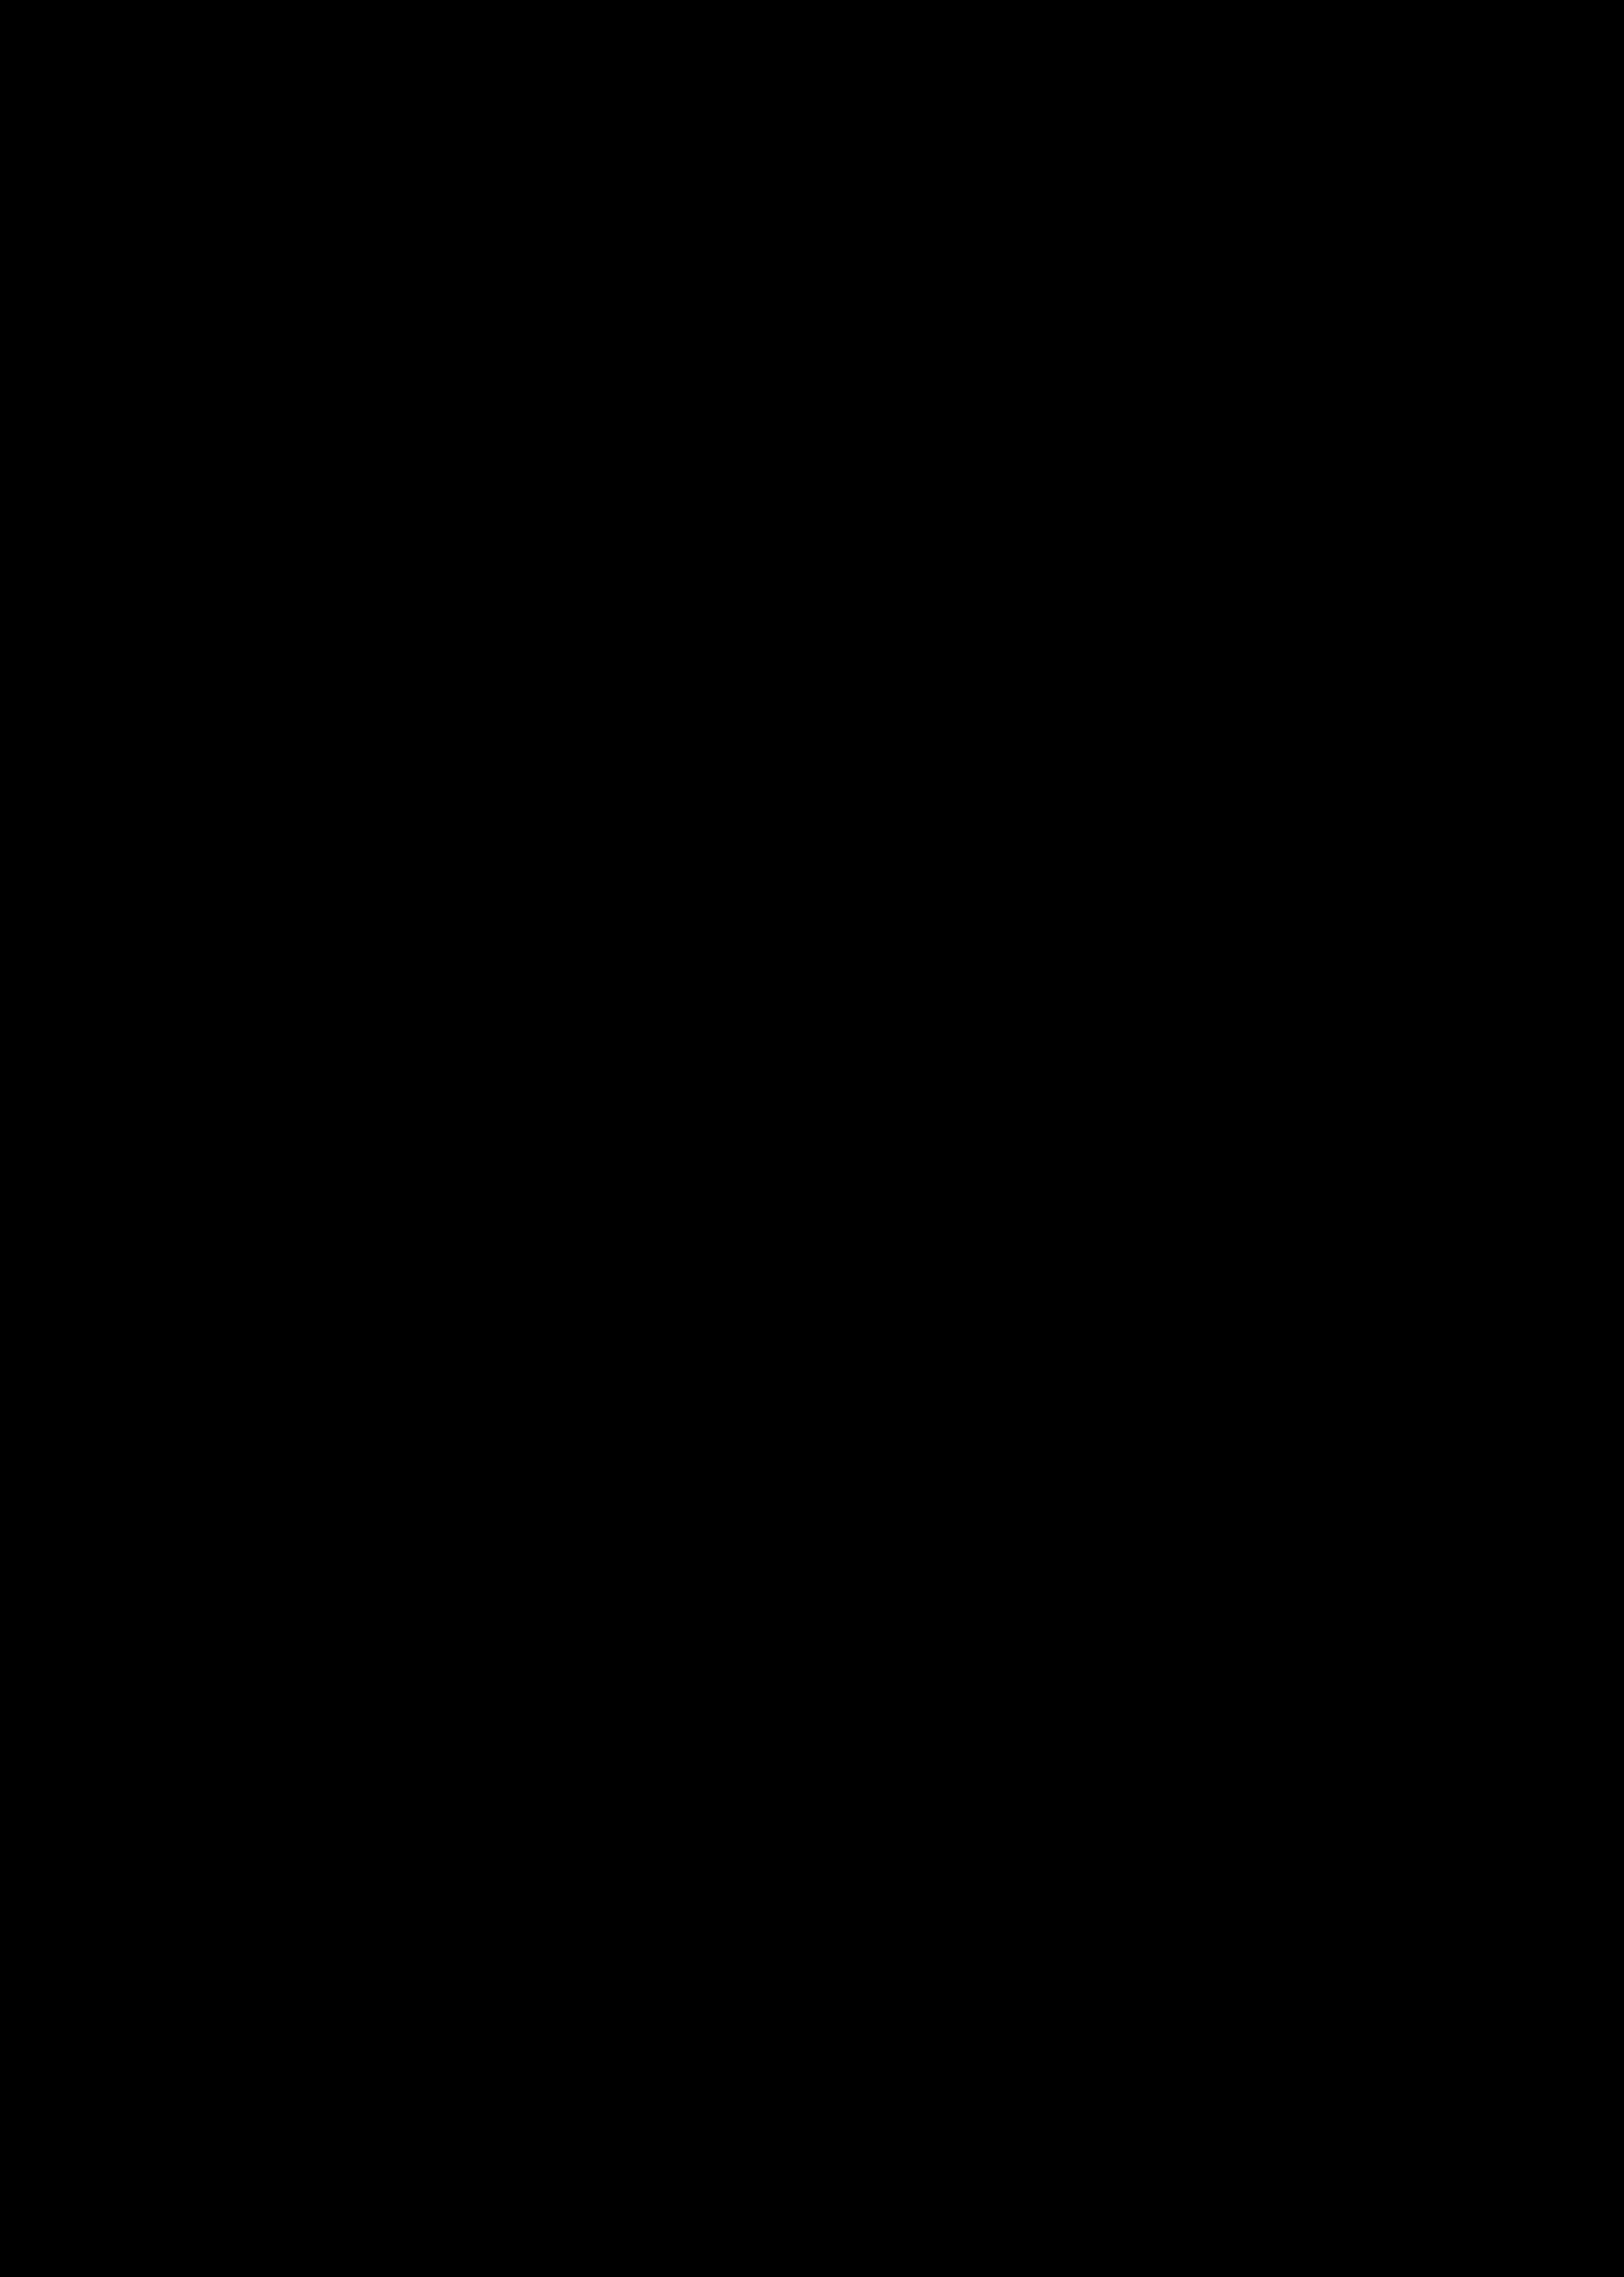 Margarete Schütte-Lihotzkys Buchpräsentation 2019